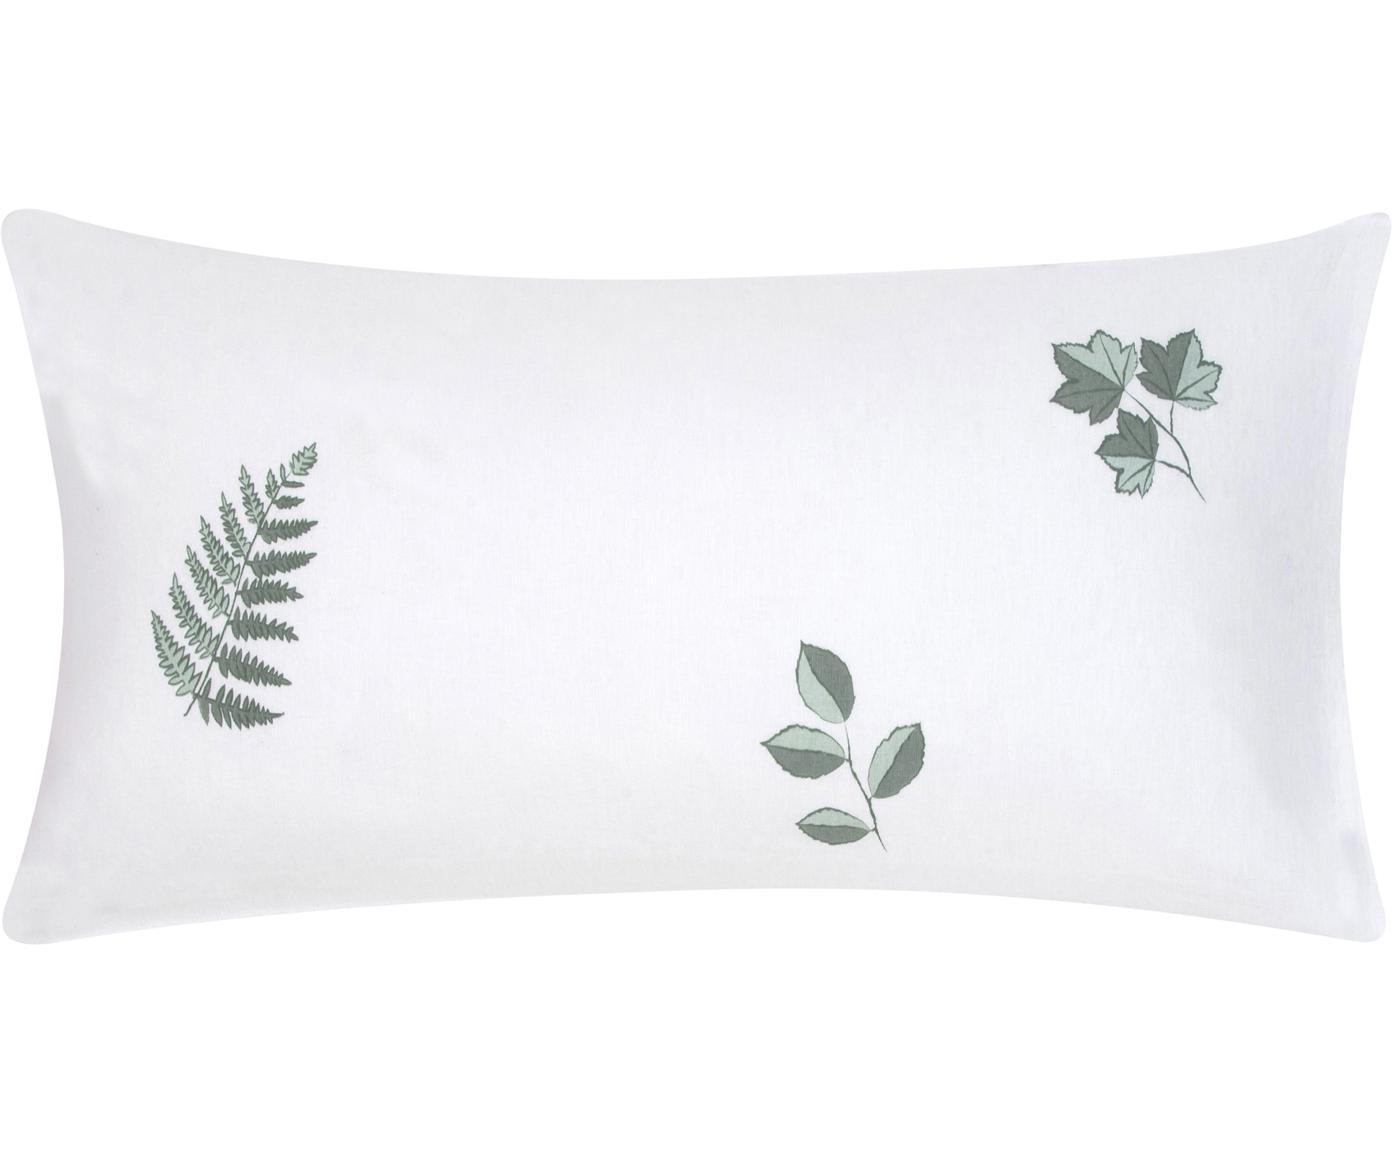 Poszewka na poduszkę z flaneli Fraser, 2 szt., Szałwiowy zielony, biały, S 40 x D 80 cm